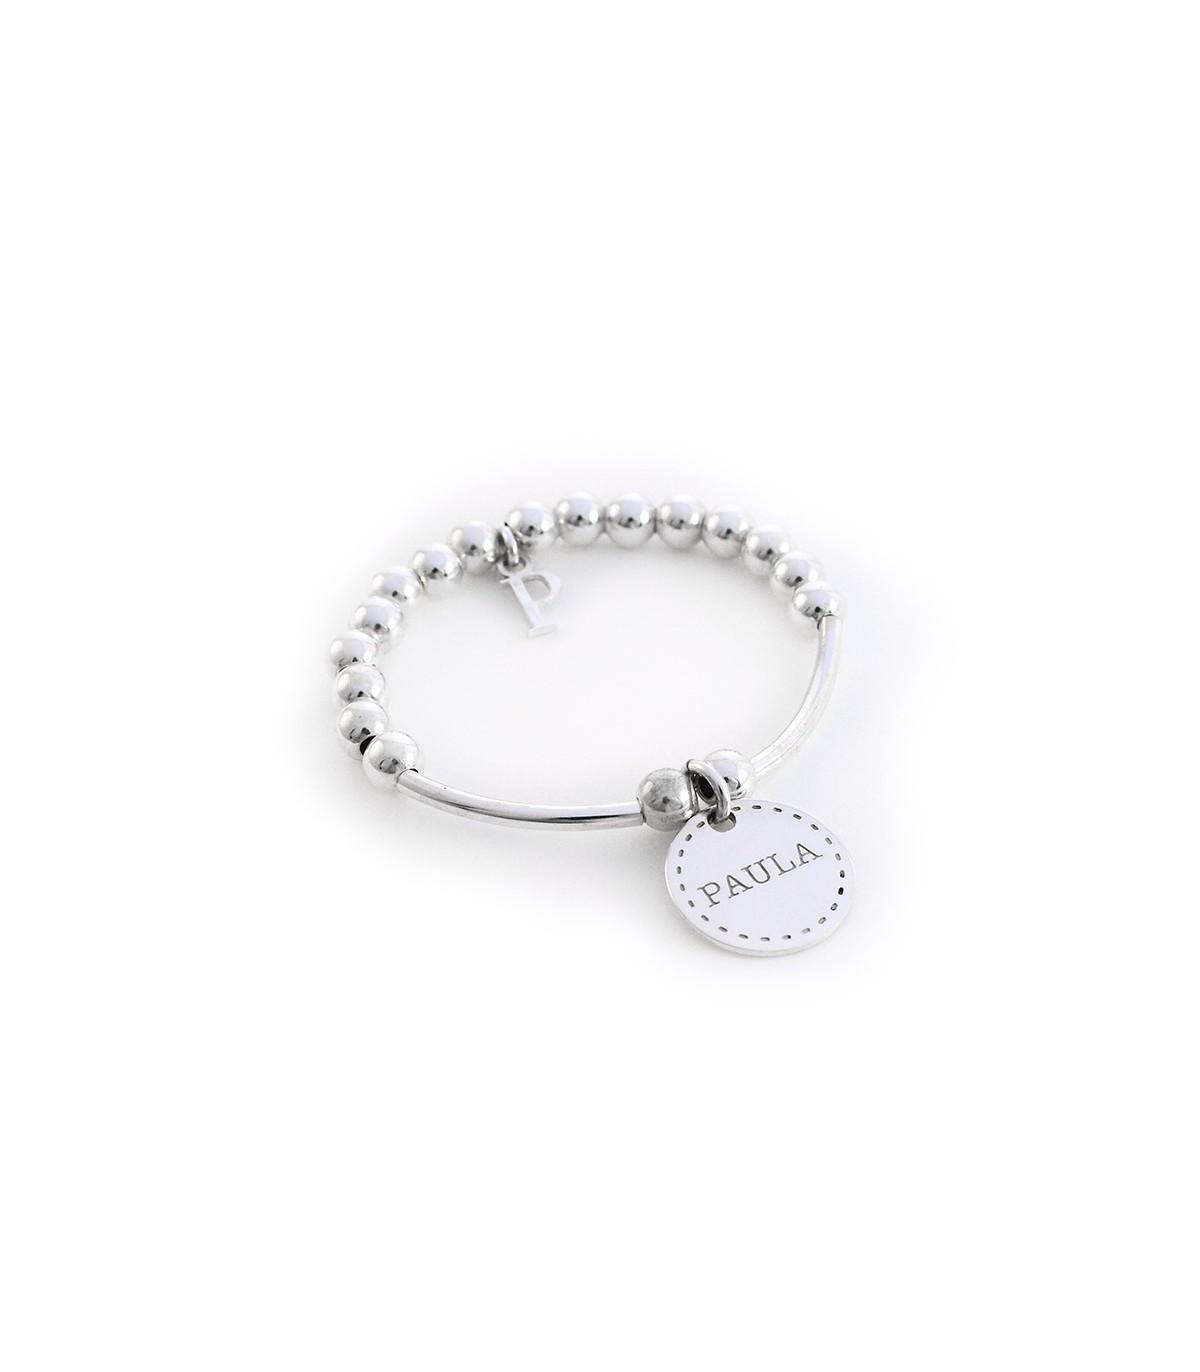 93d4fb60cb55 Pulseras de plata personalizadas con nombres para niñas – Bambina ...